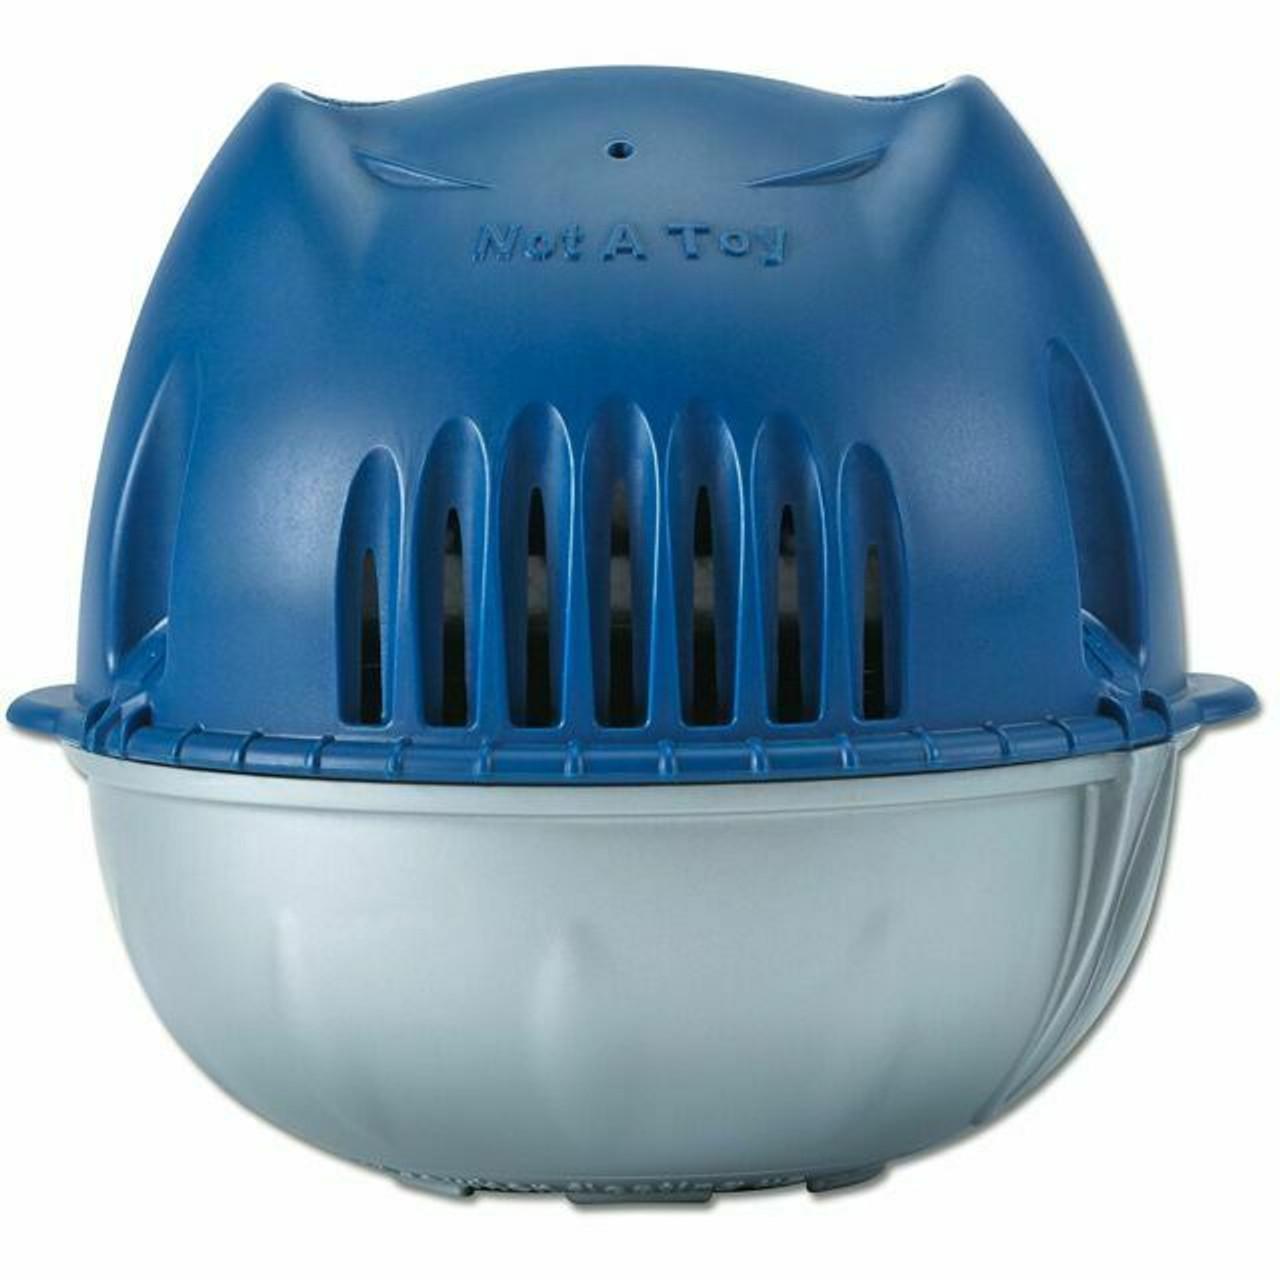 Spa Frog @ease Floating System Spa & Hot Tub Sanitizer, 01-14-3256